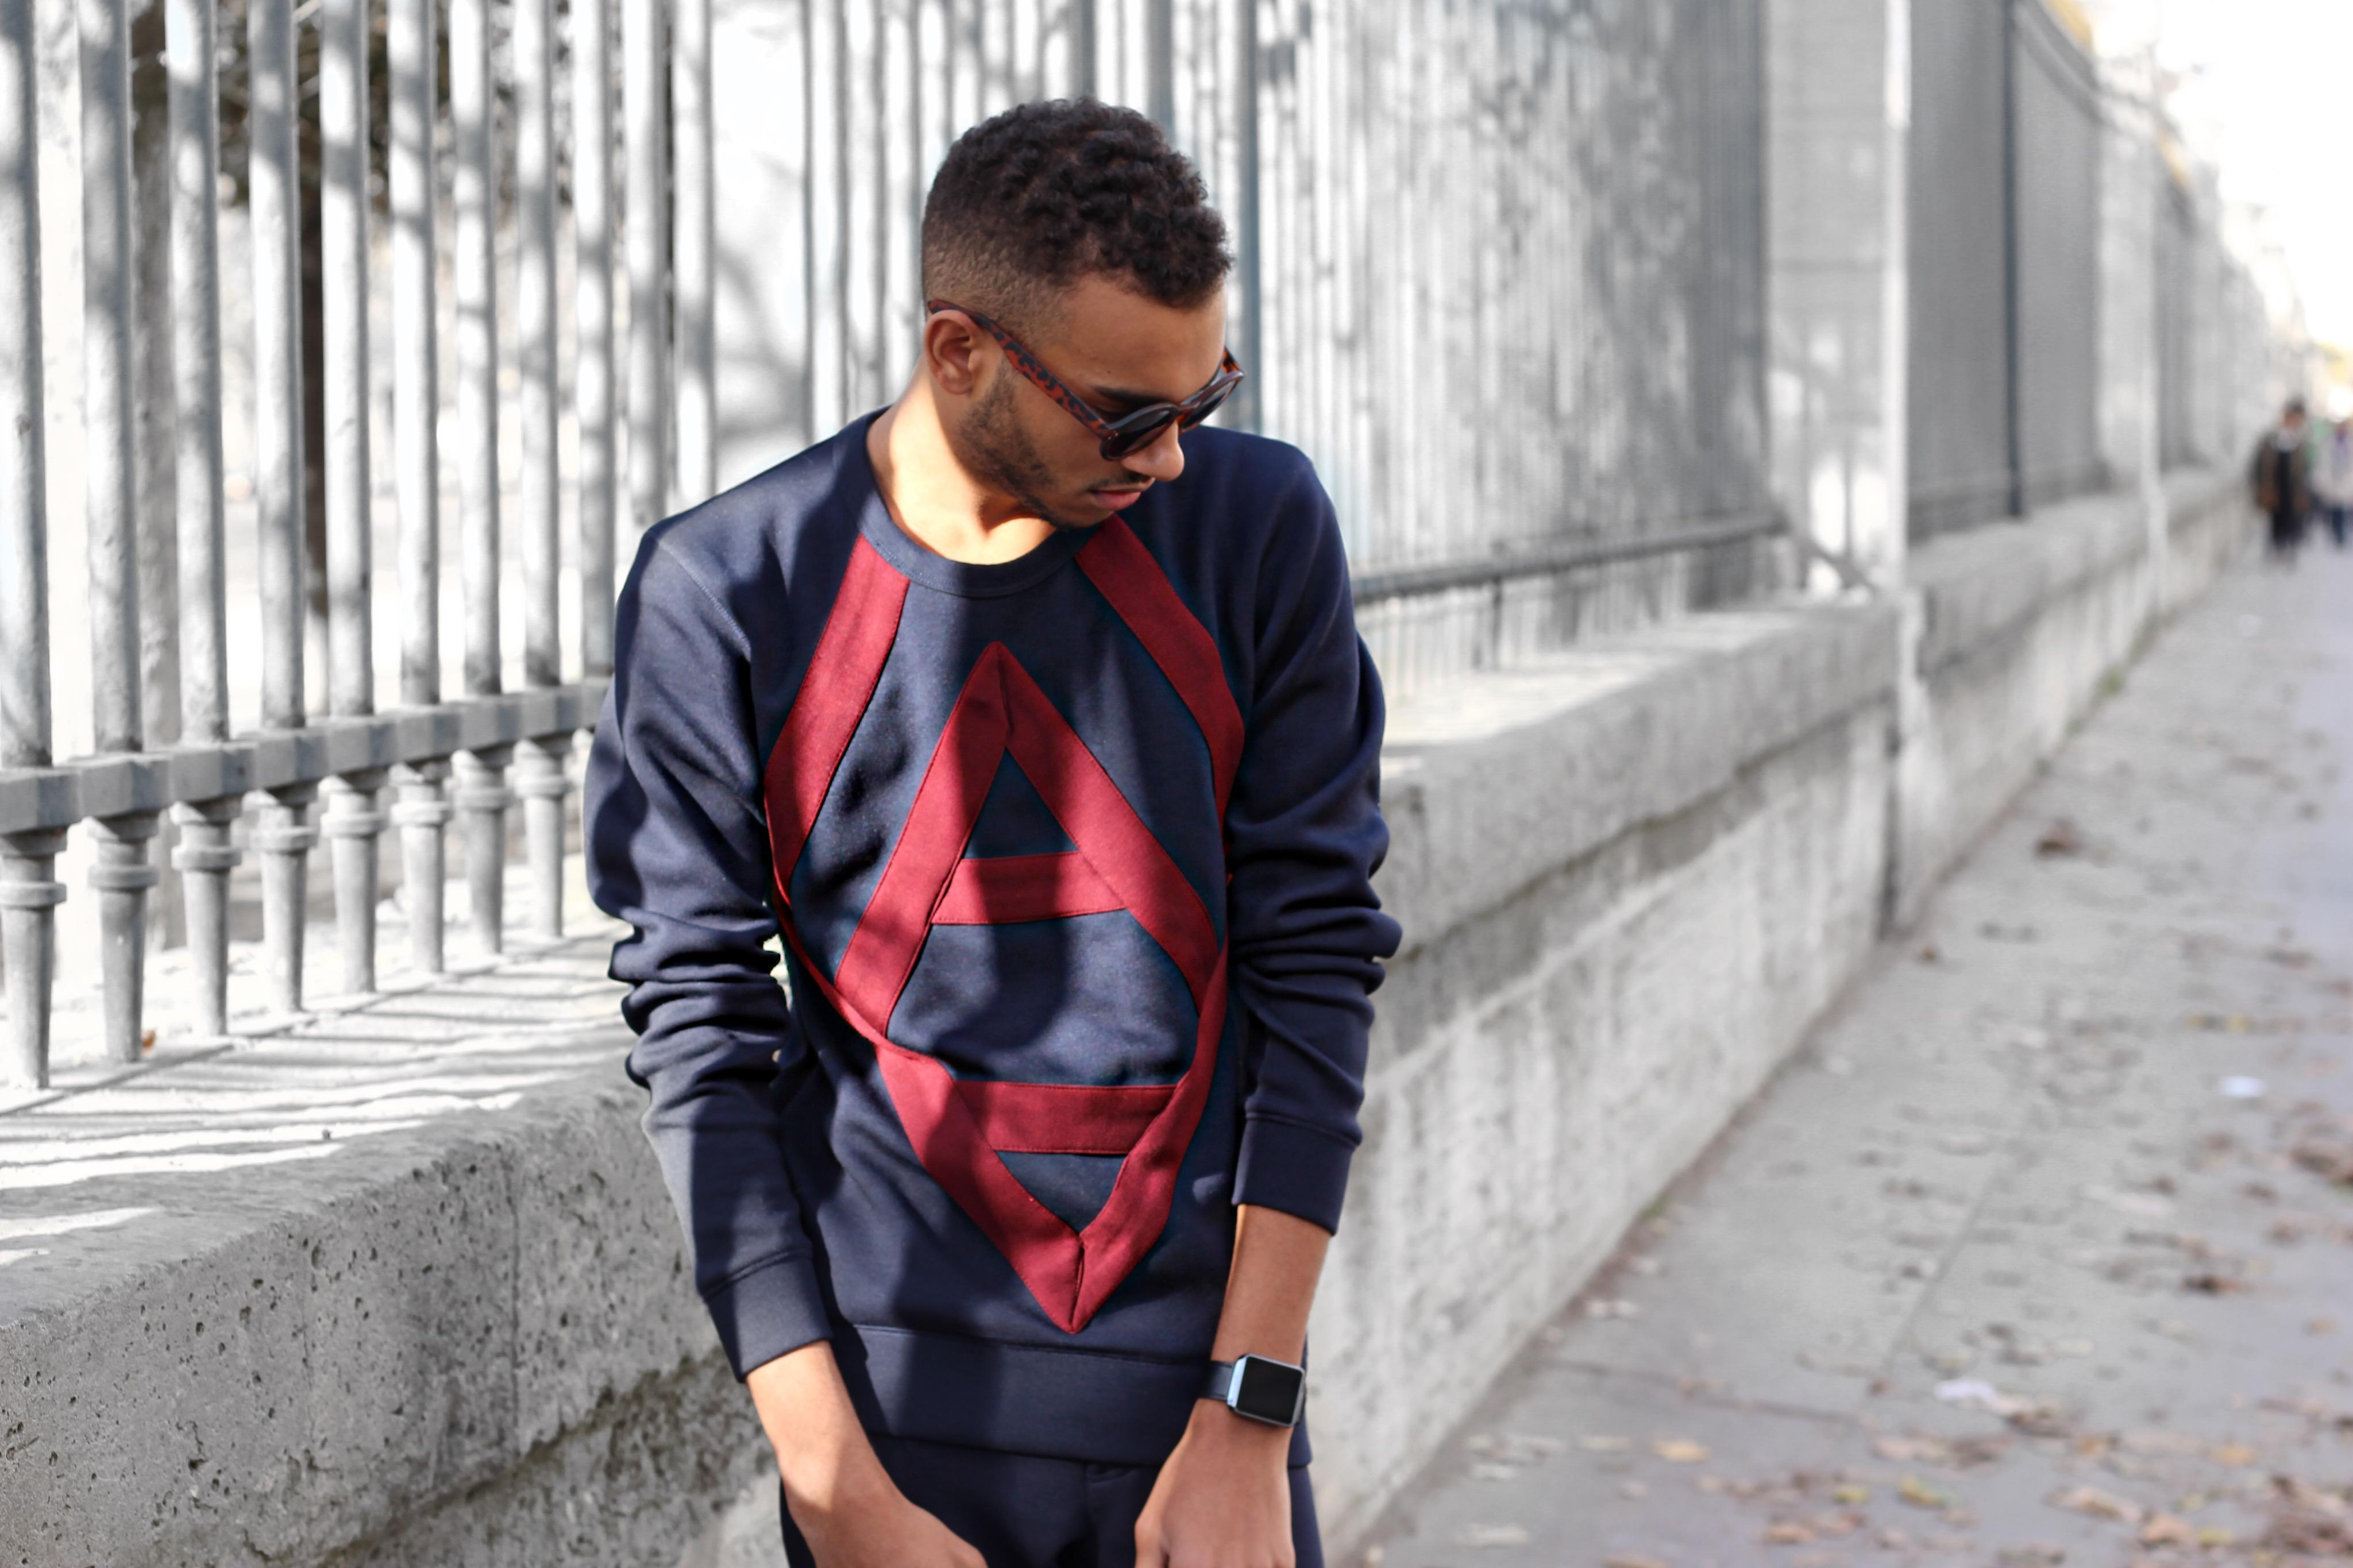 patrons-paris-mrfoures-ootd-blogueur-homme-bordeaux-paris-blog-mode-homme